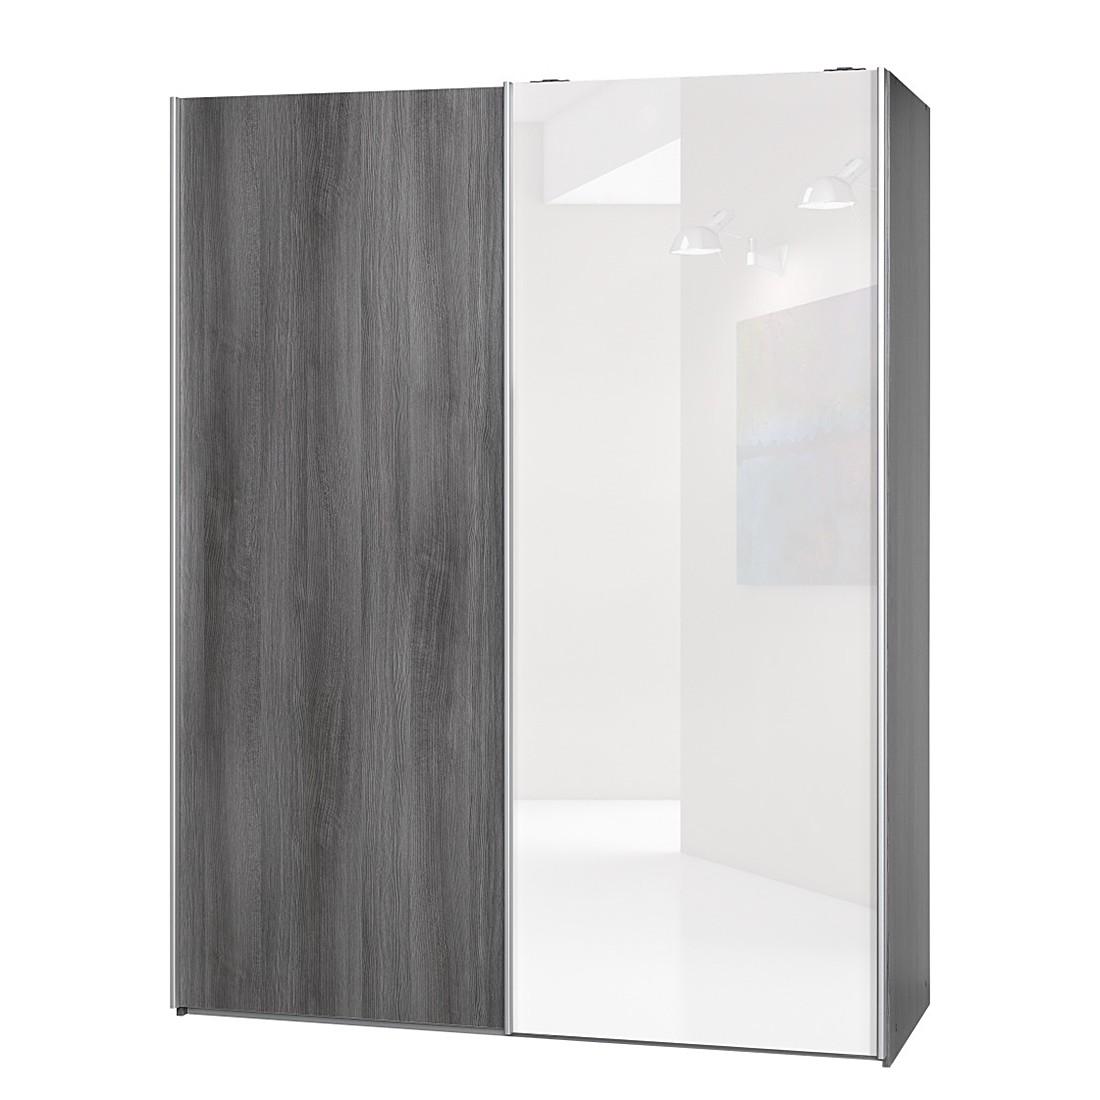 schwebet renschrank soft smart ii silbereiche dekor hochglanz wei breite 150 cm tiefe. Black Bedroom Furniture Sets. Home Design Ideas